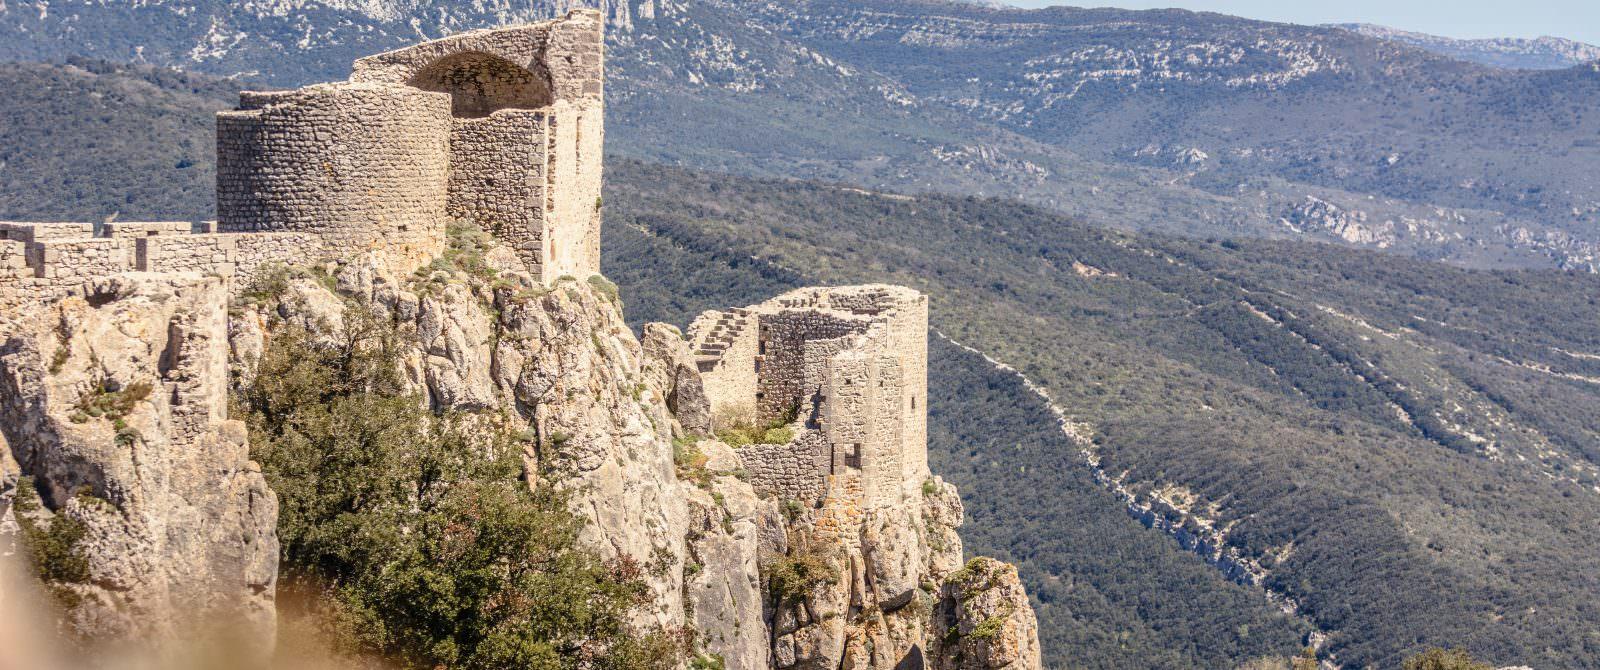 Château Duilhac Peyrepertuse vue generale